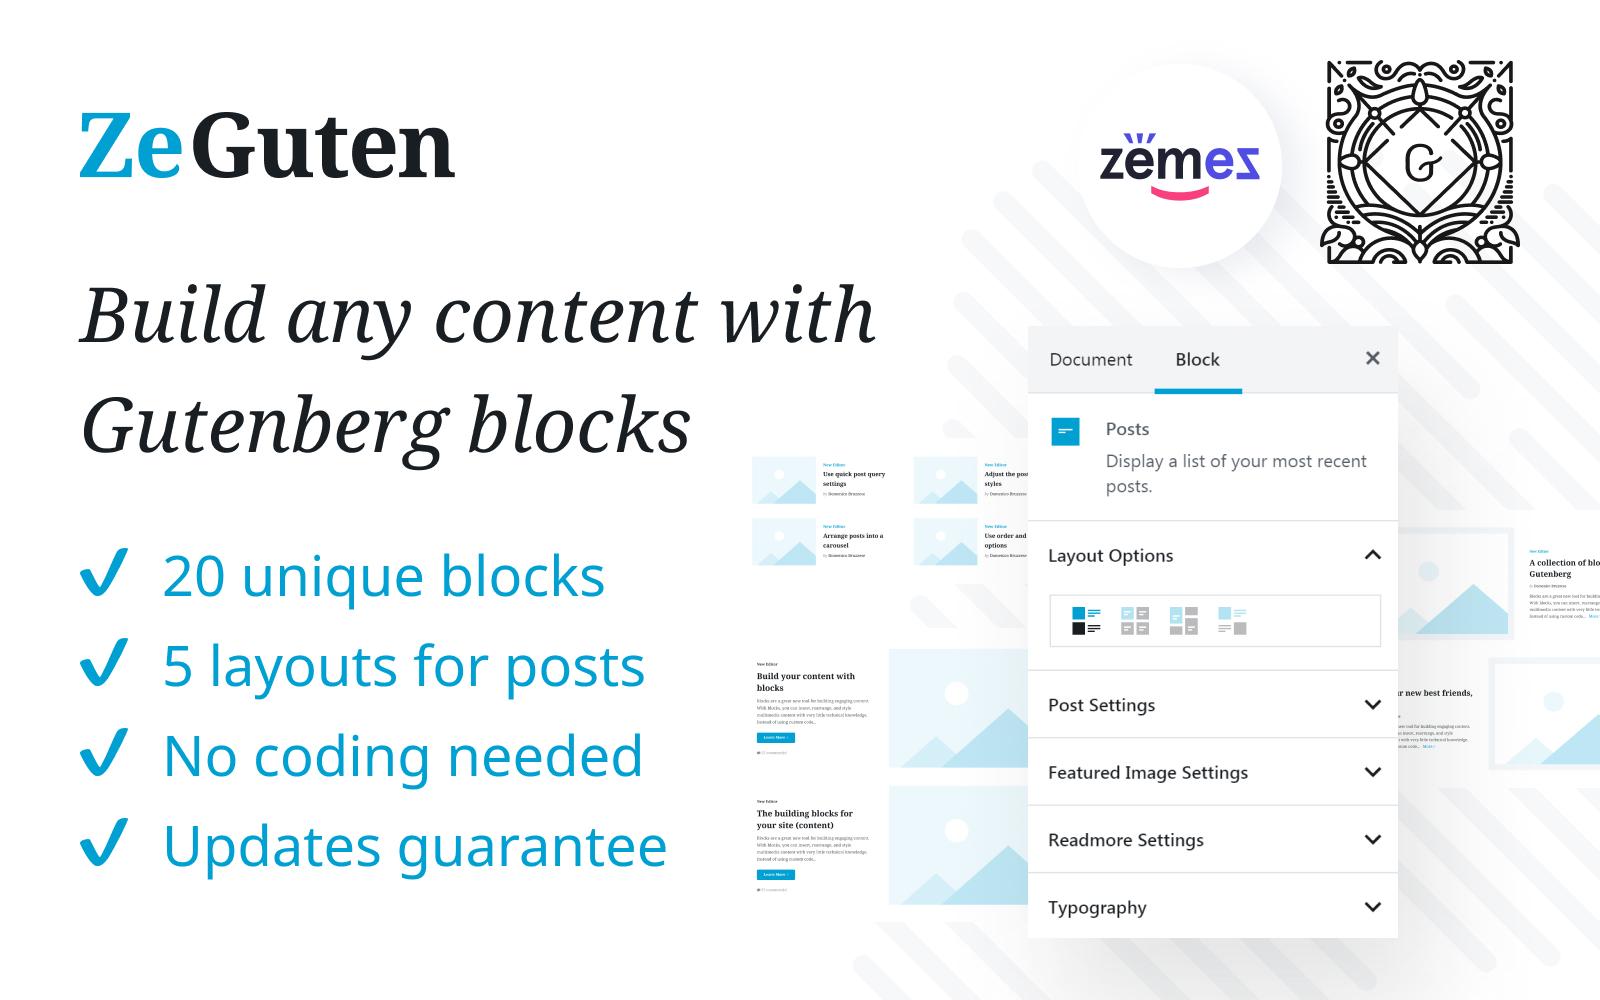 Wtyczka WordPress ZeGuten Gutenberg Plugin to Build a Competitive Website #112019